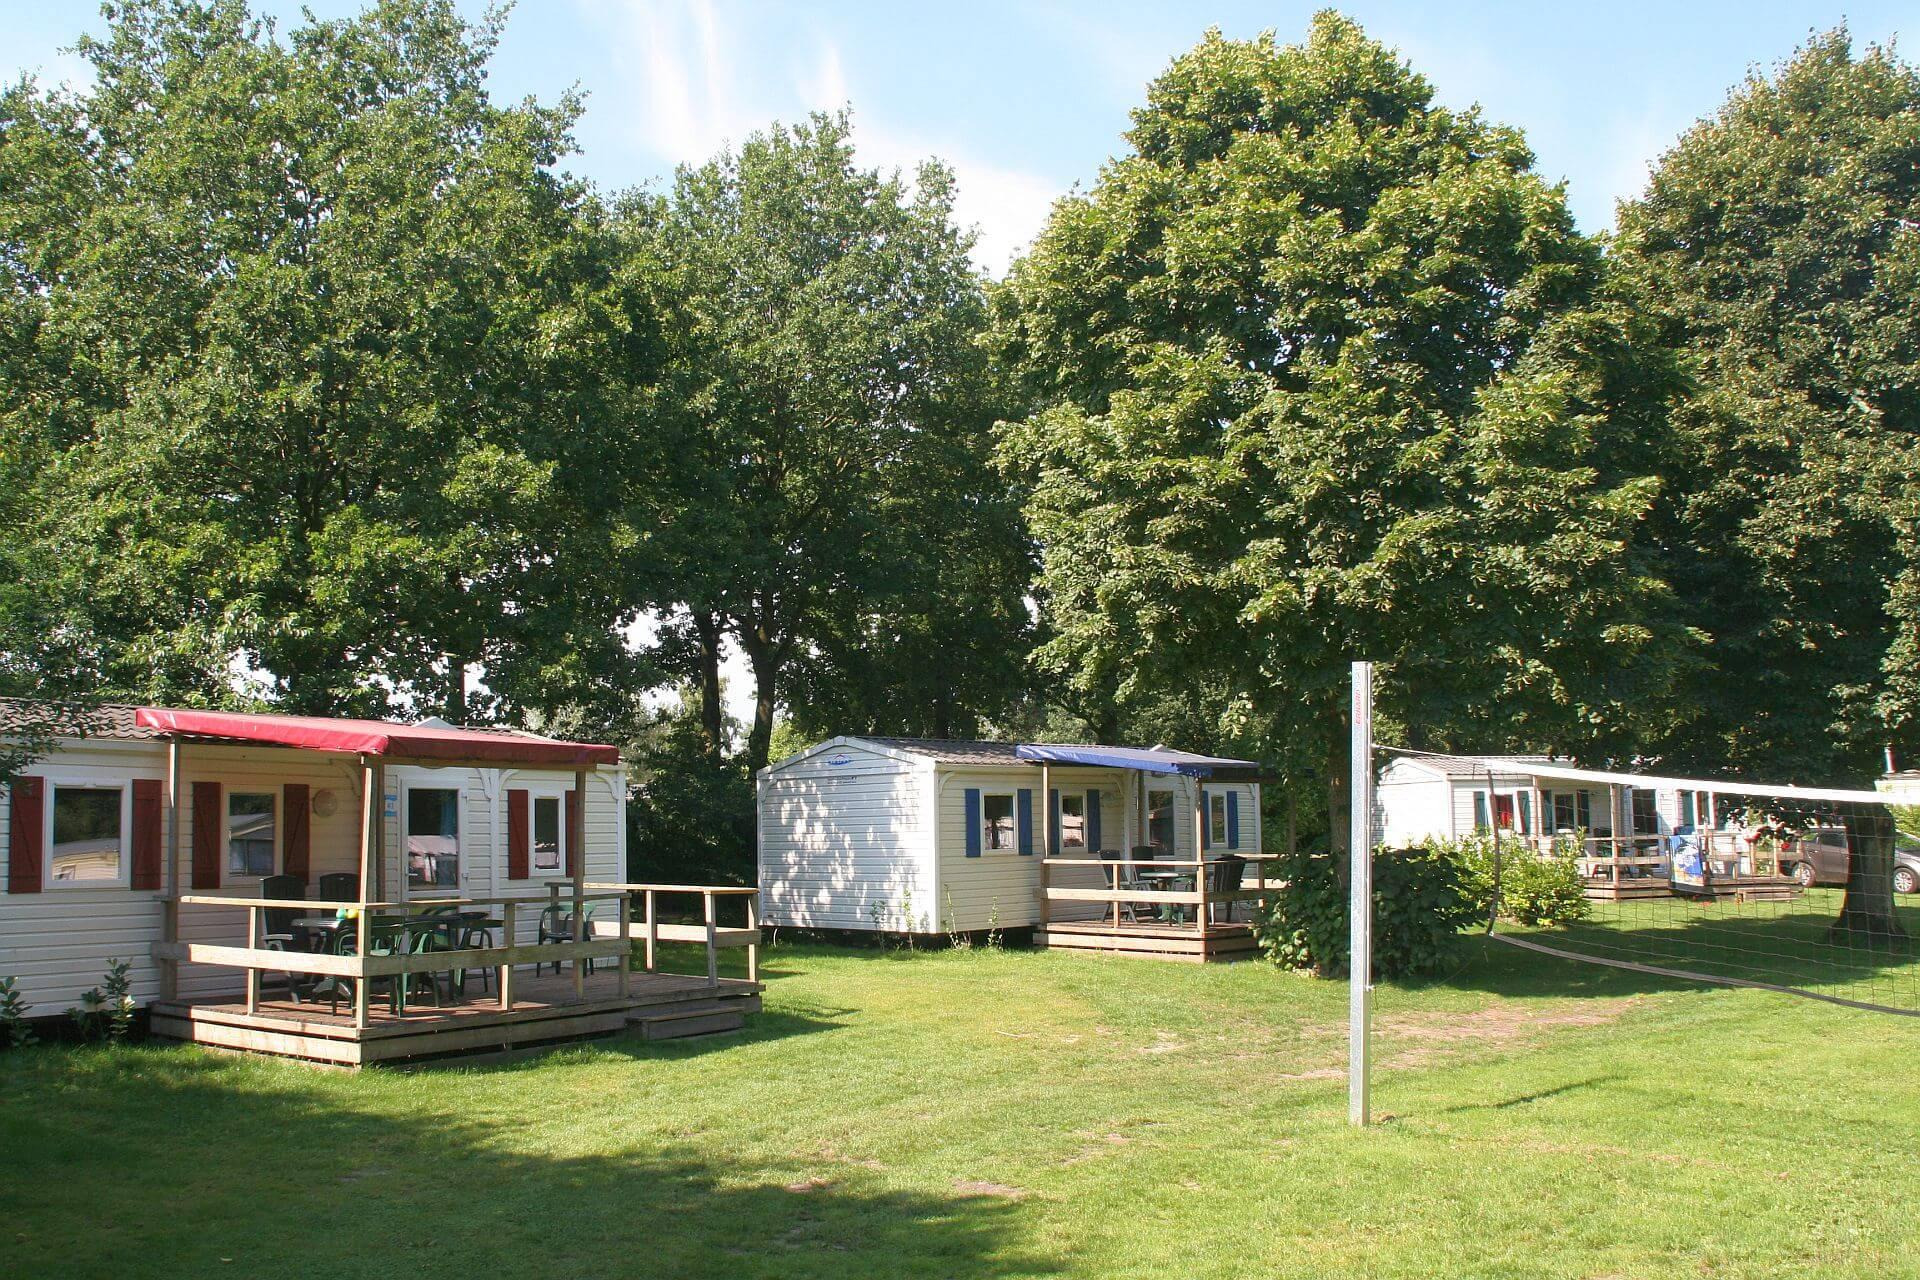 Chaletverhuur en bungalowverhuur in Overijssel